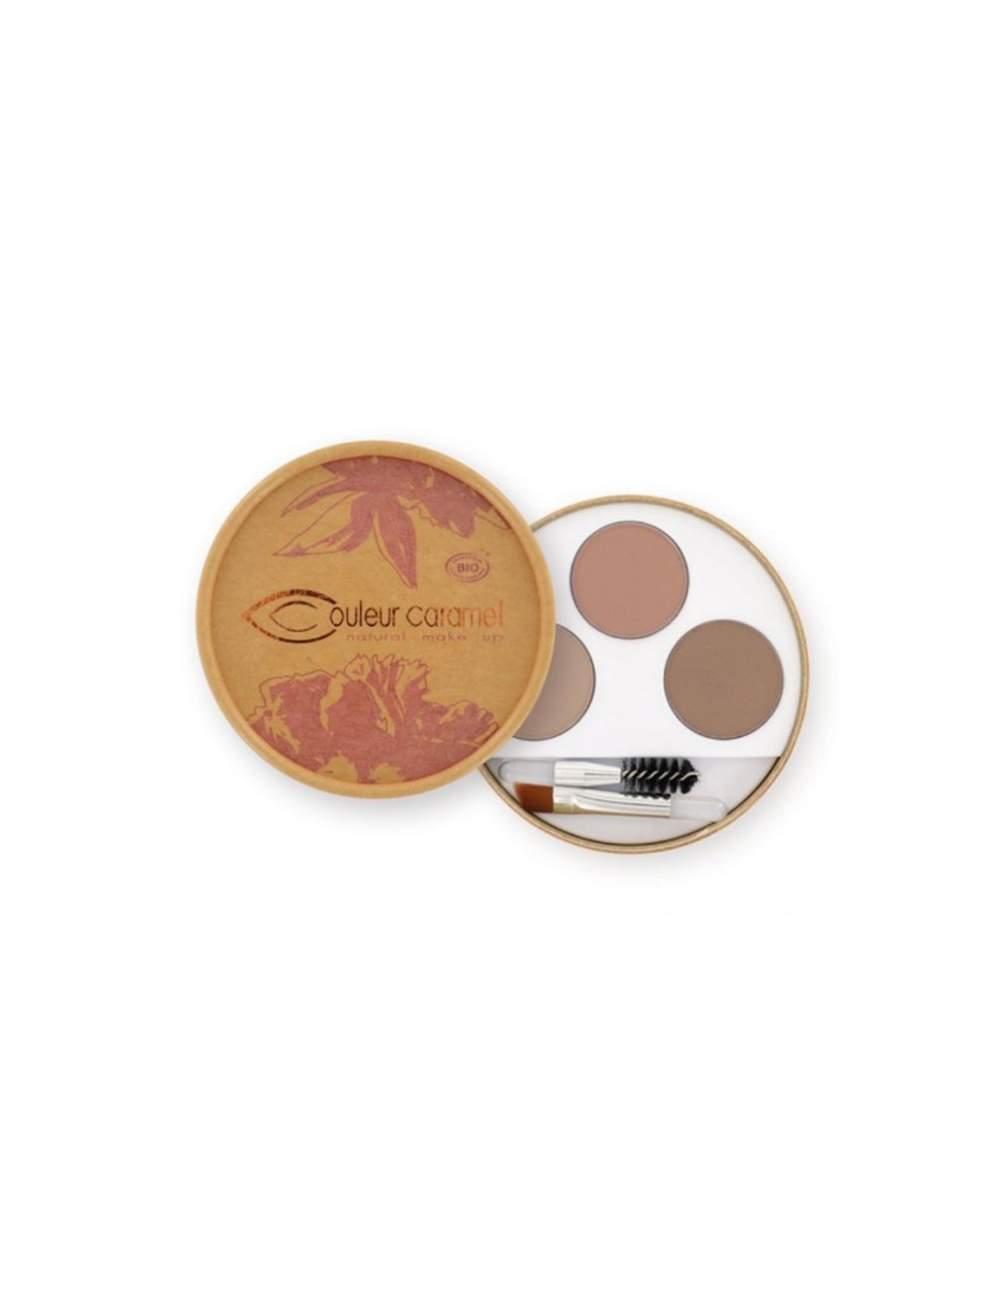 Kit de Maquillaje de Cejas Bio 28 Blonde. Couleur Caramel